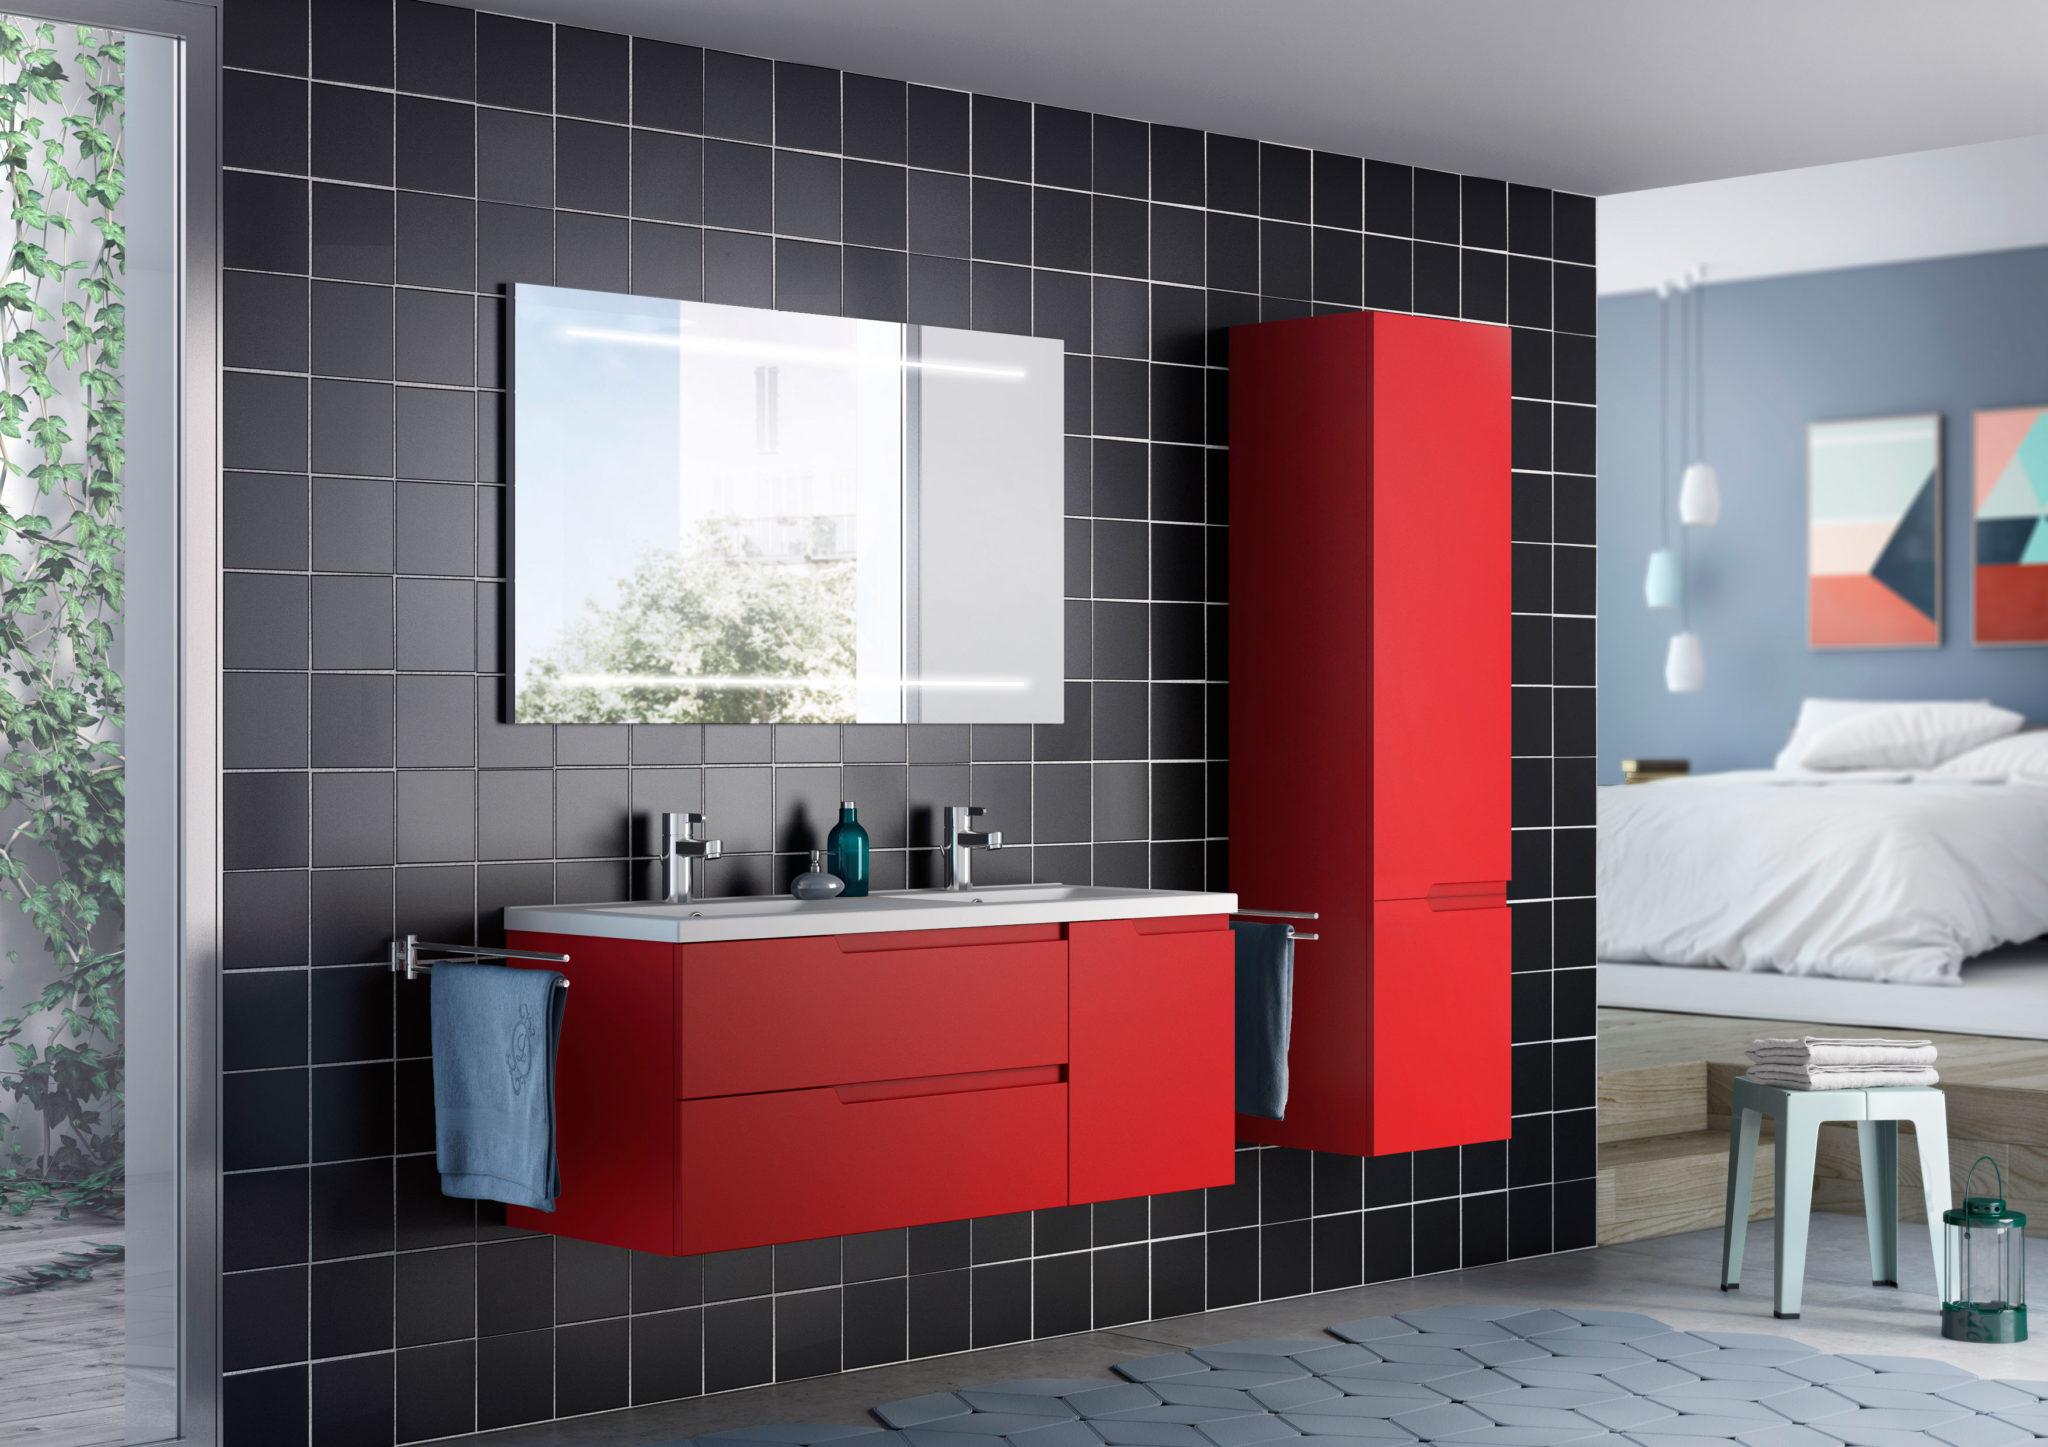 meuble-rouge-vermillon-120cm-2t1p-matrice-ambiance-hd ...